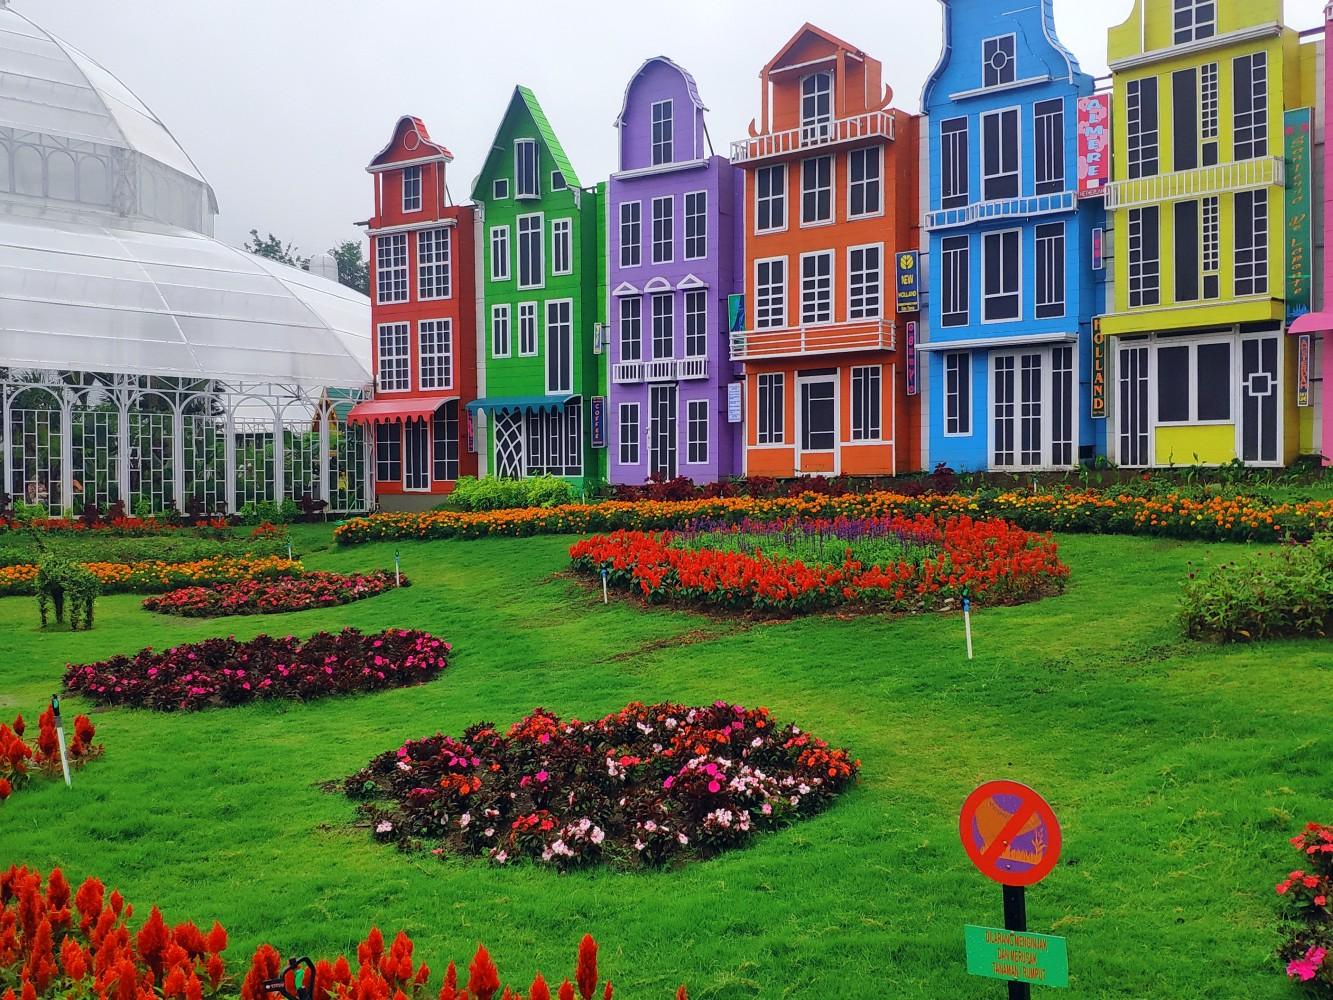 5 Destinasi Wisata Di Kota Malang Terbaru Yang Bisa Kamu Kunjungi Di Tahun 2021 Universitas Katholik Widya Karya